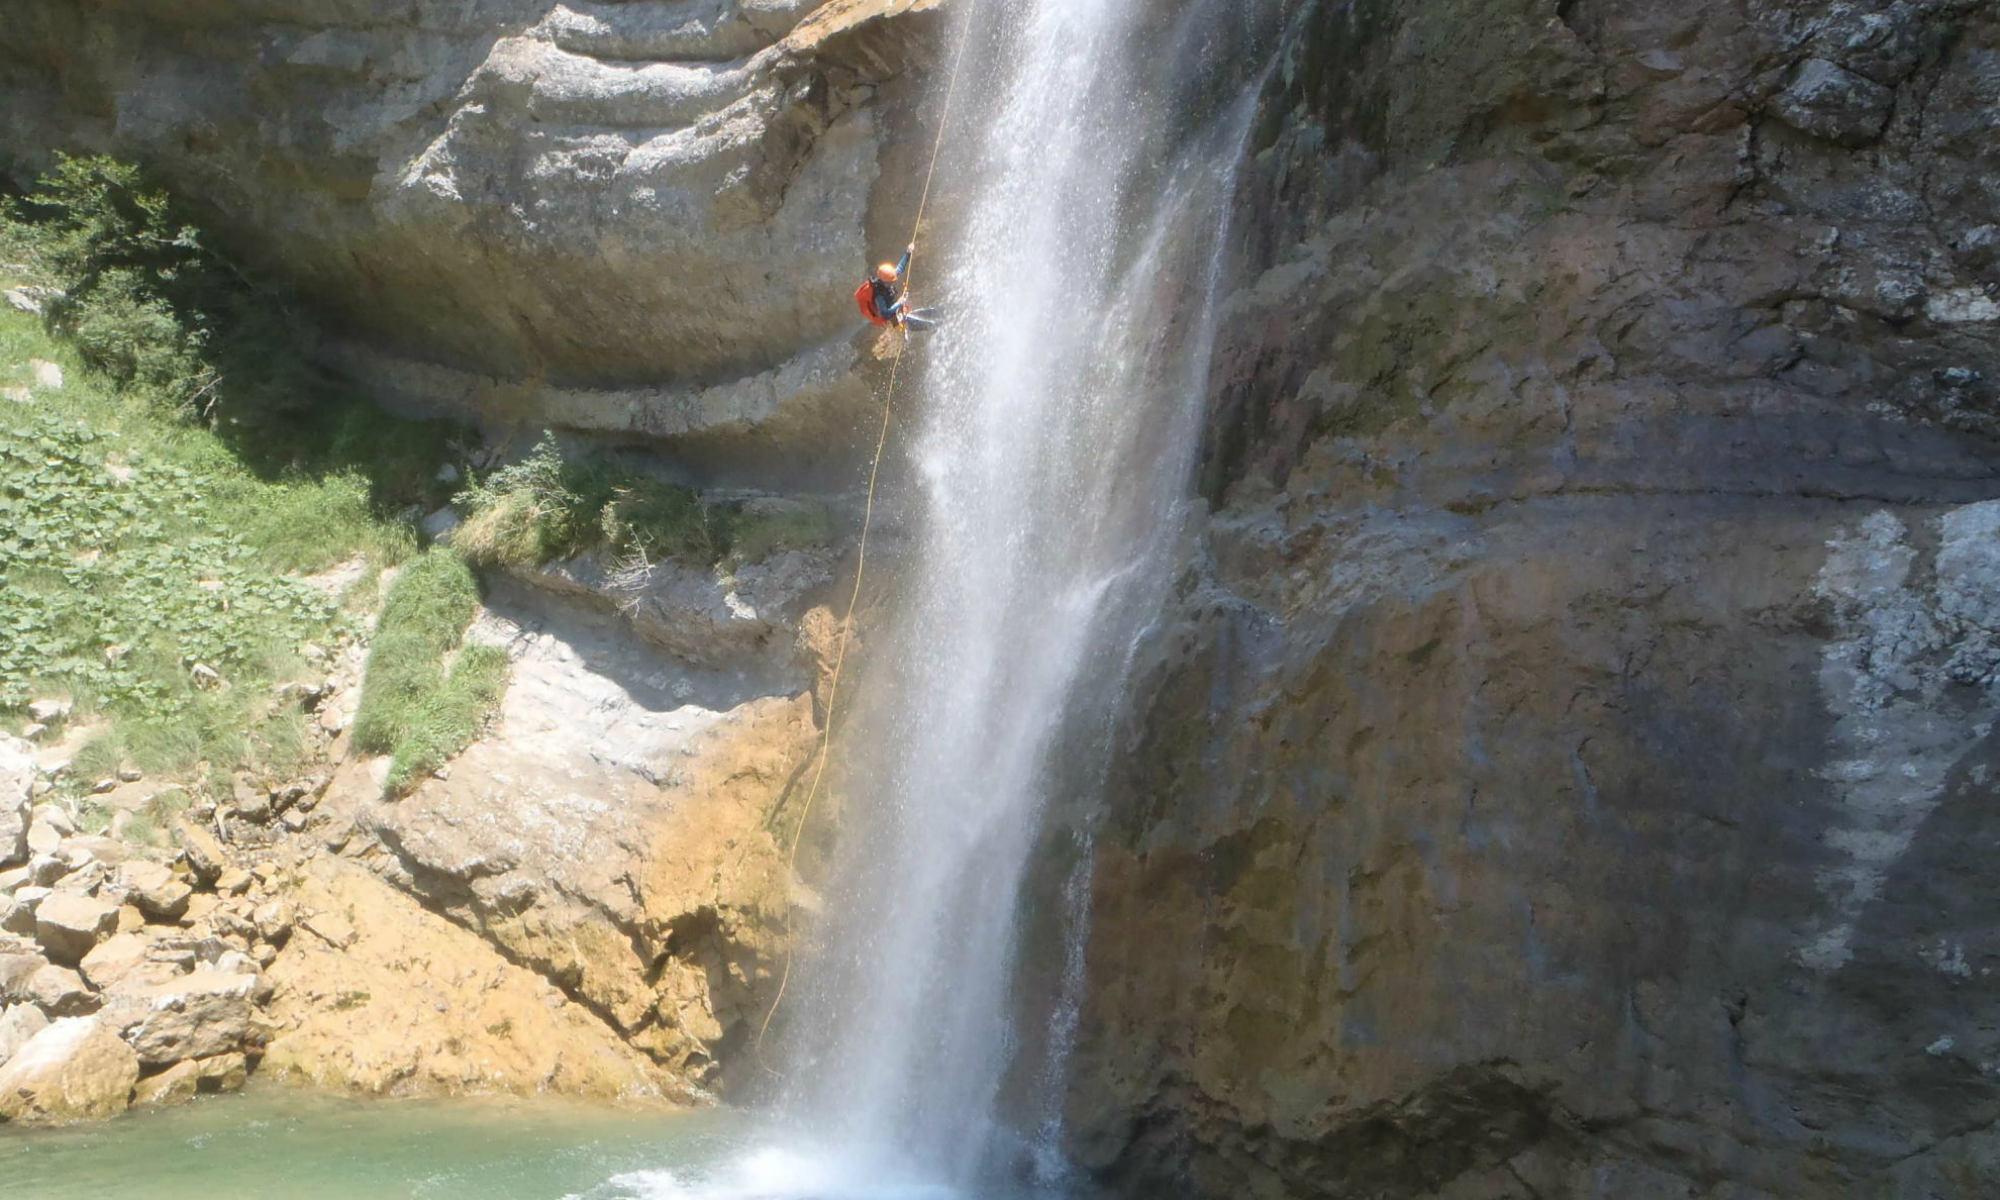 Un canyoniste descend une cascade en rappel dans le Vercors.